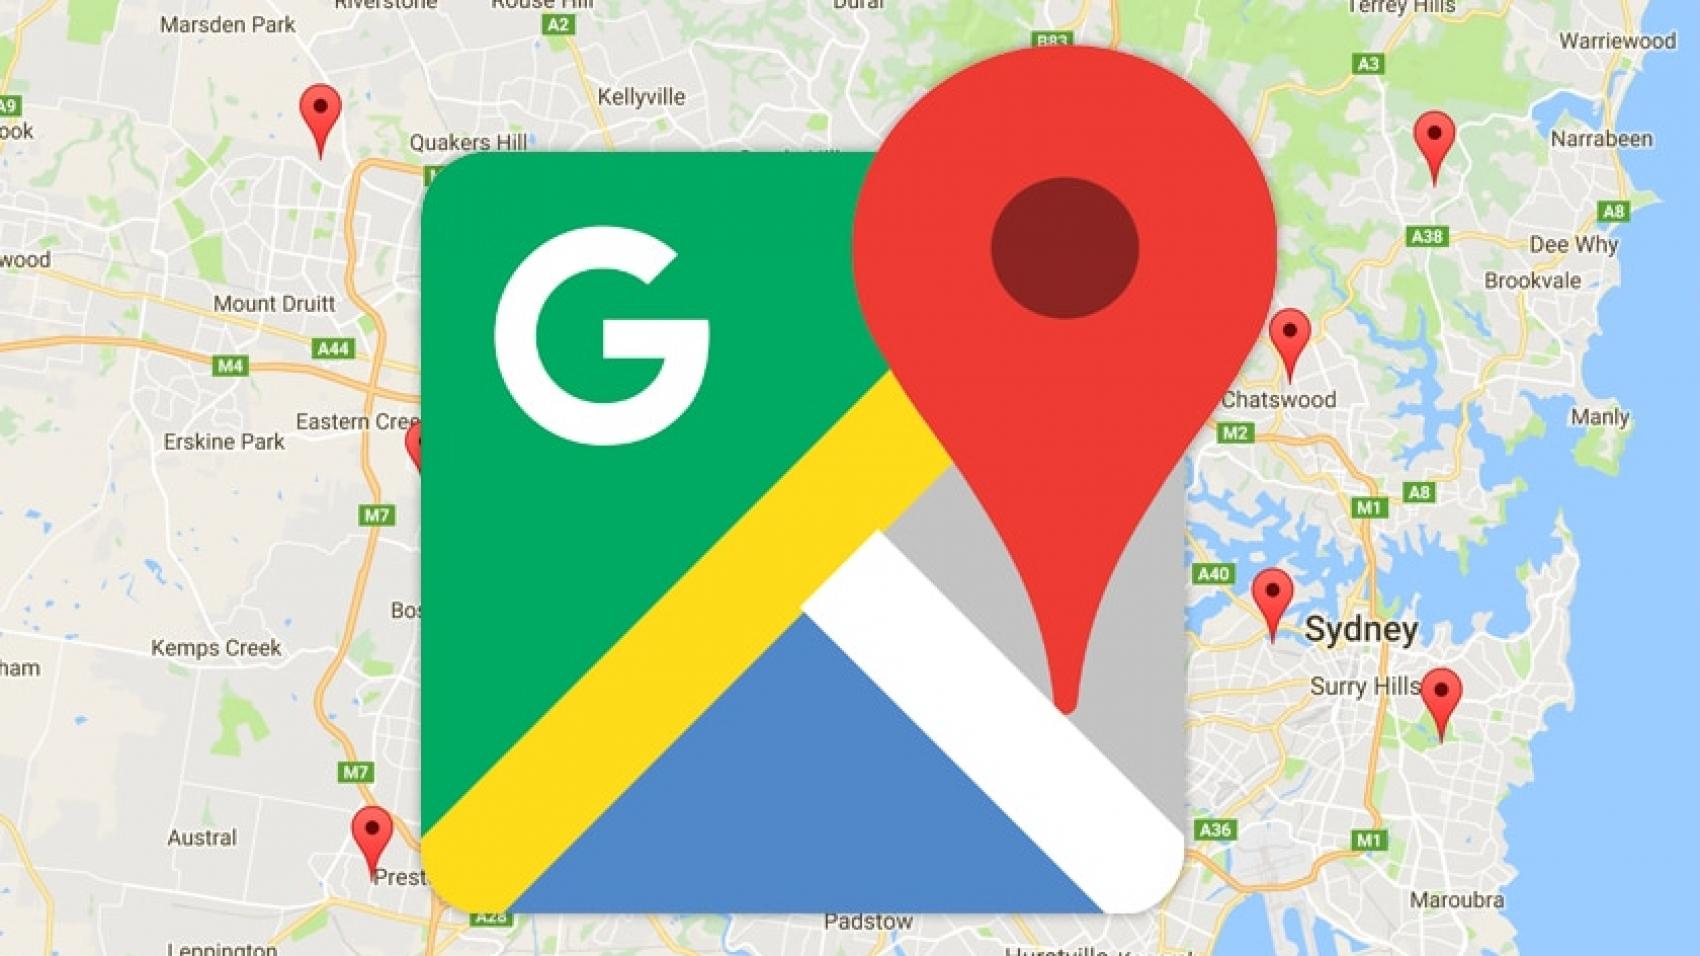 Lợi ích của sử dụng Dịch vụ xác minh Google Maps?